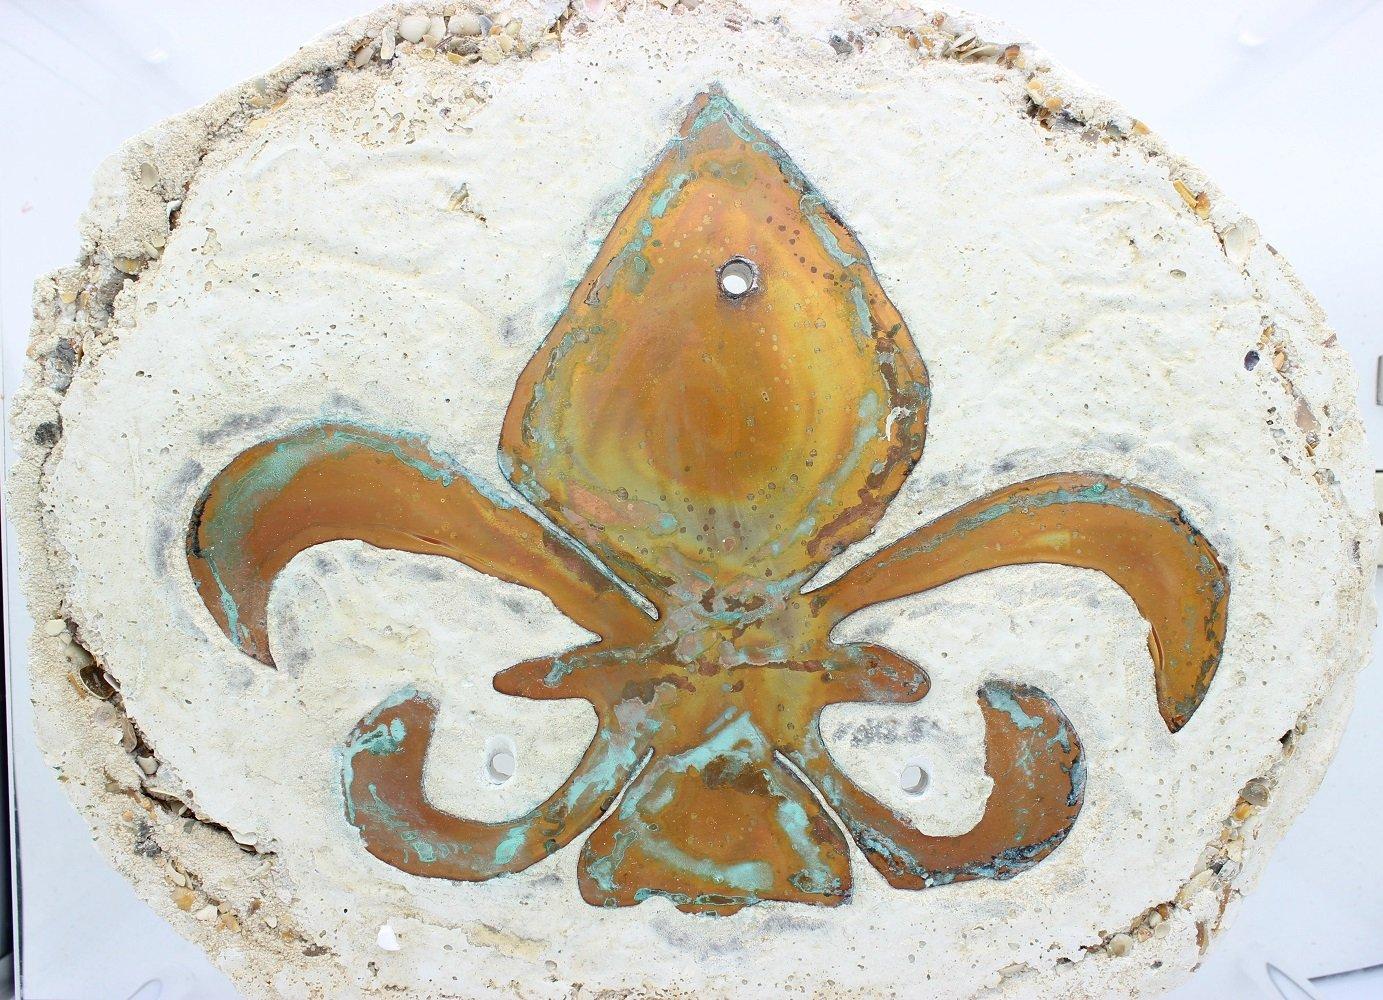 Fleur De Lis Concrete and Copper Oil Lamp, Appox 14'' x 15''.